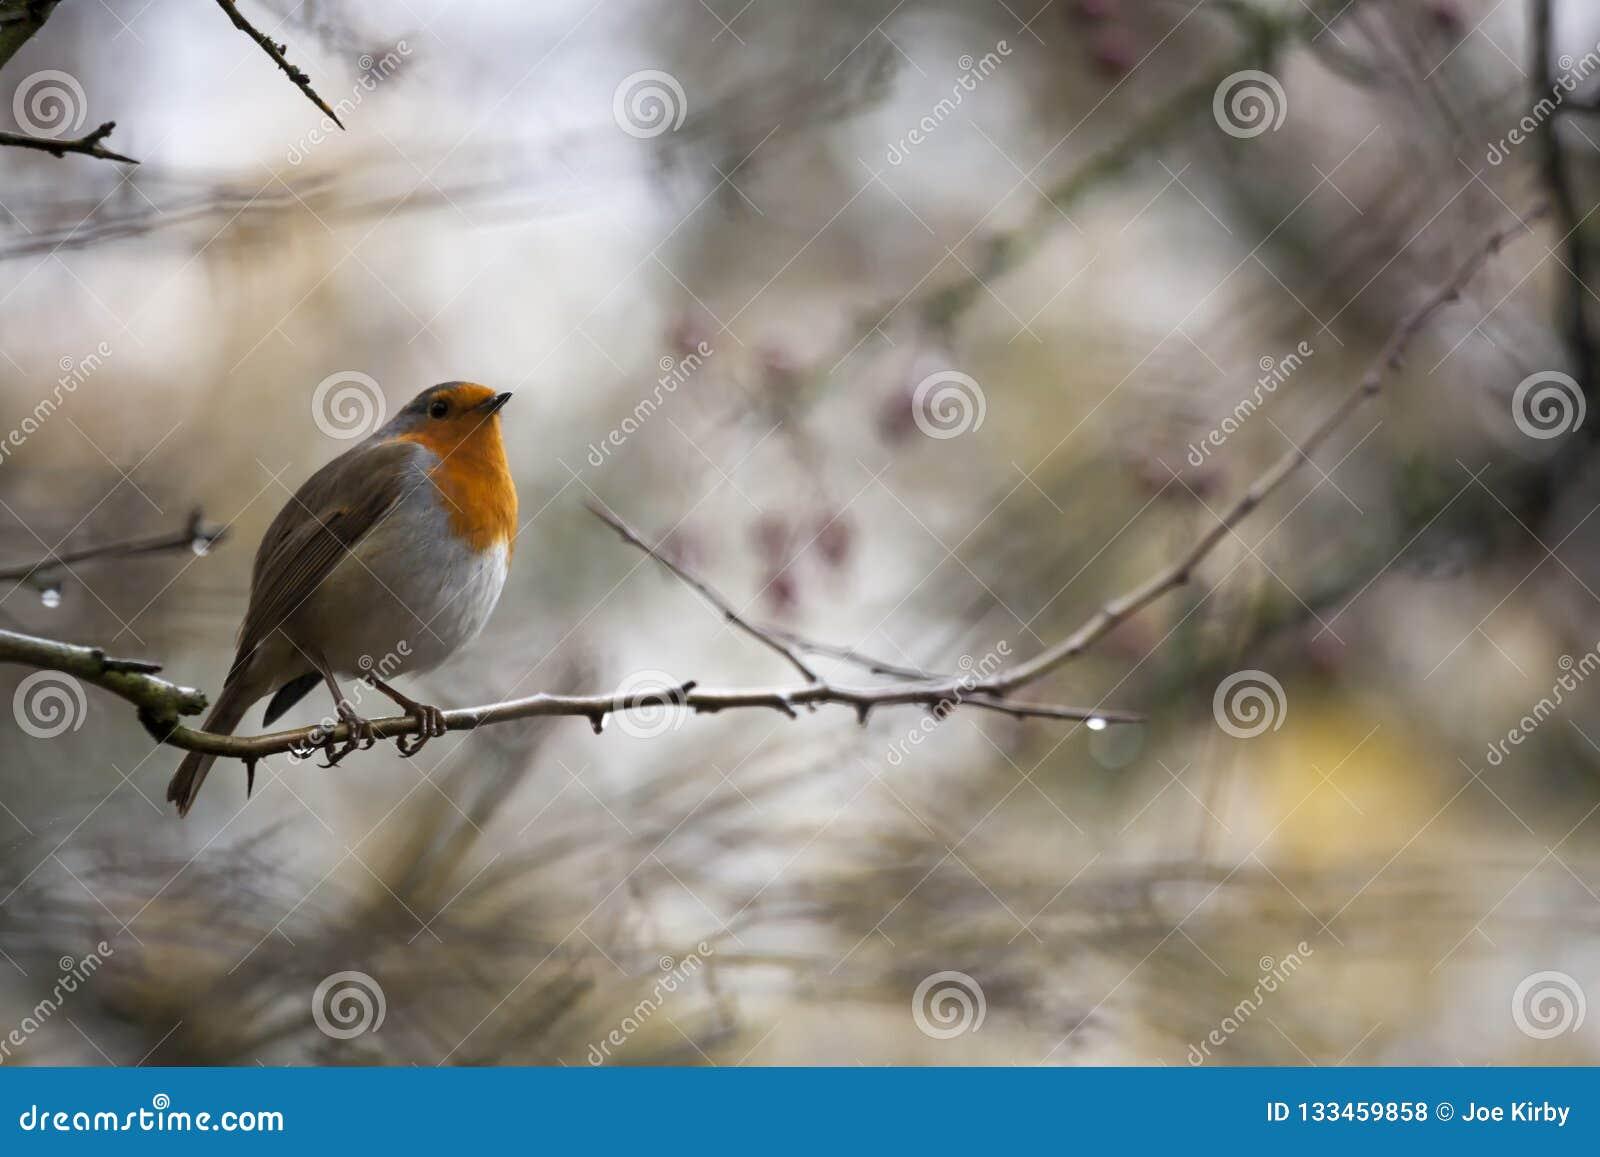 Robin Perched On un arbre avec les baies rouges